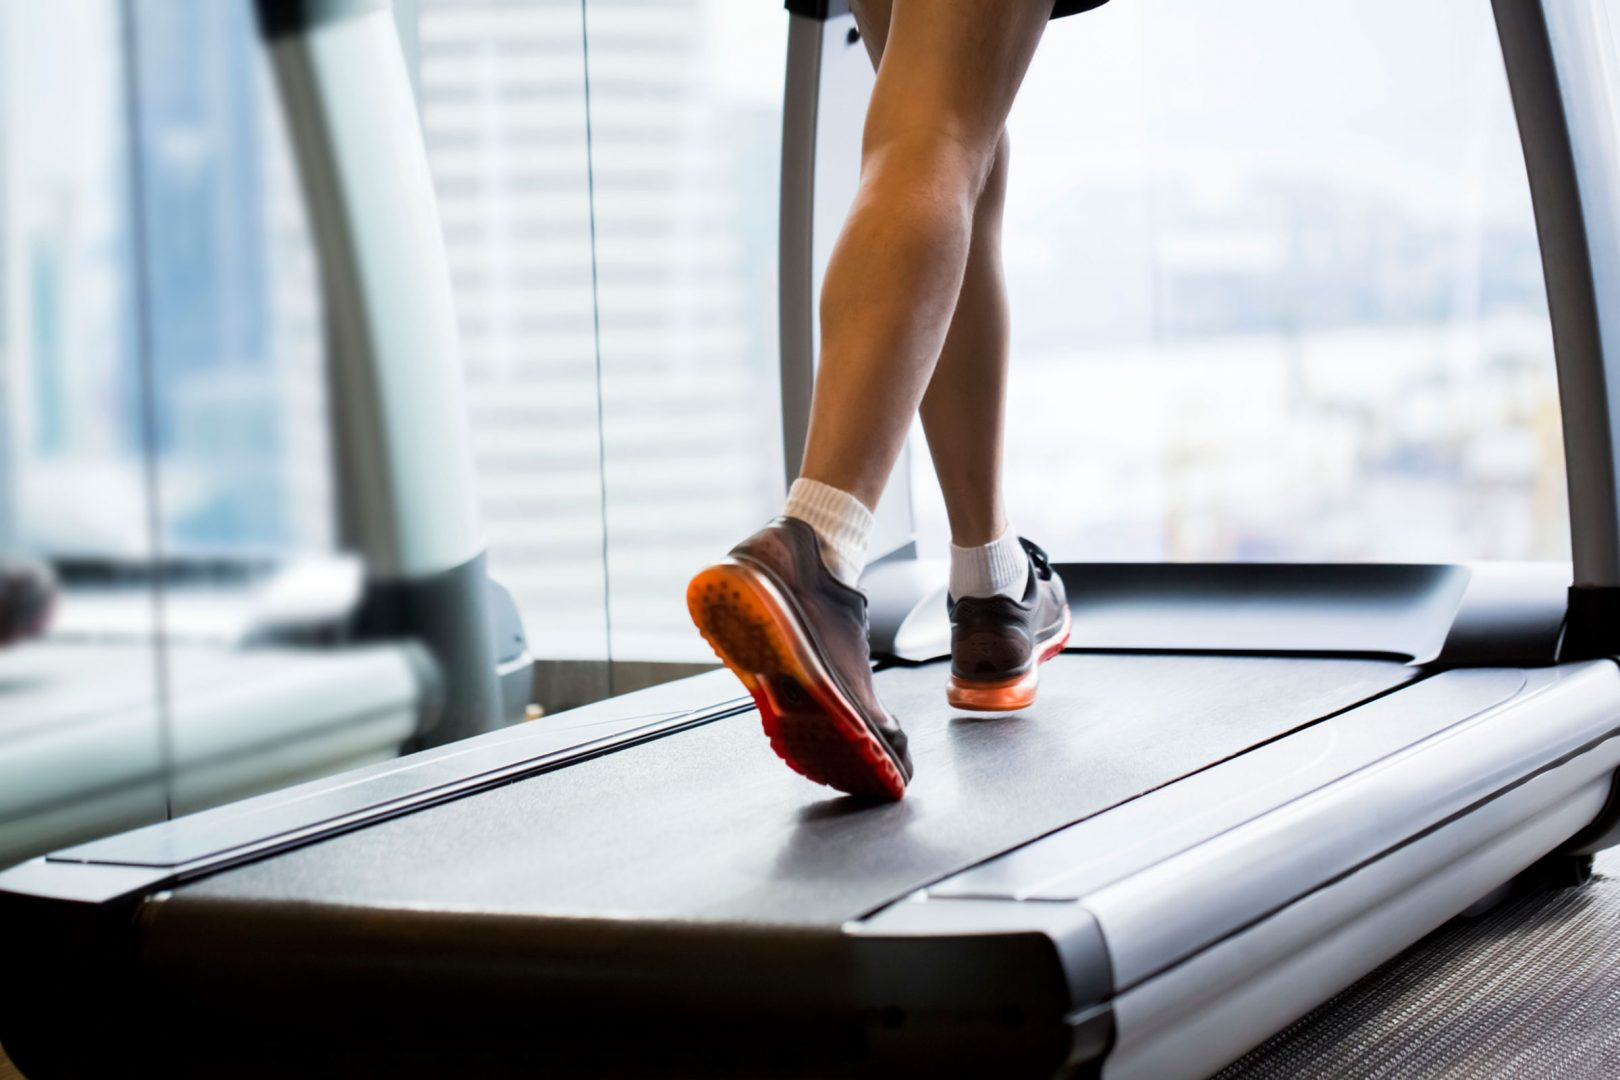 Ходьба на беговой дорожке | польза ходьбы для похудения